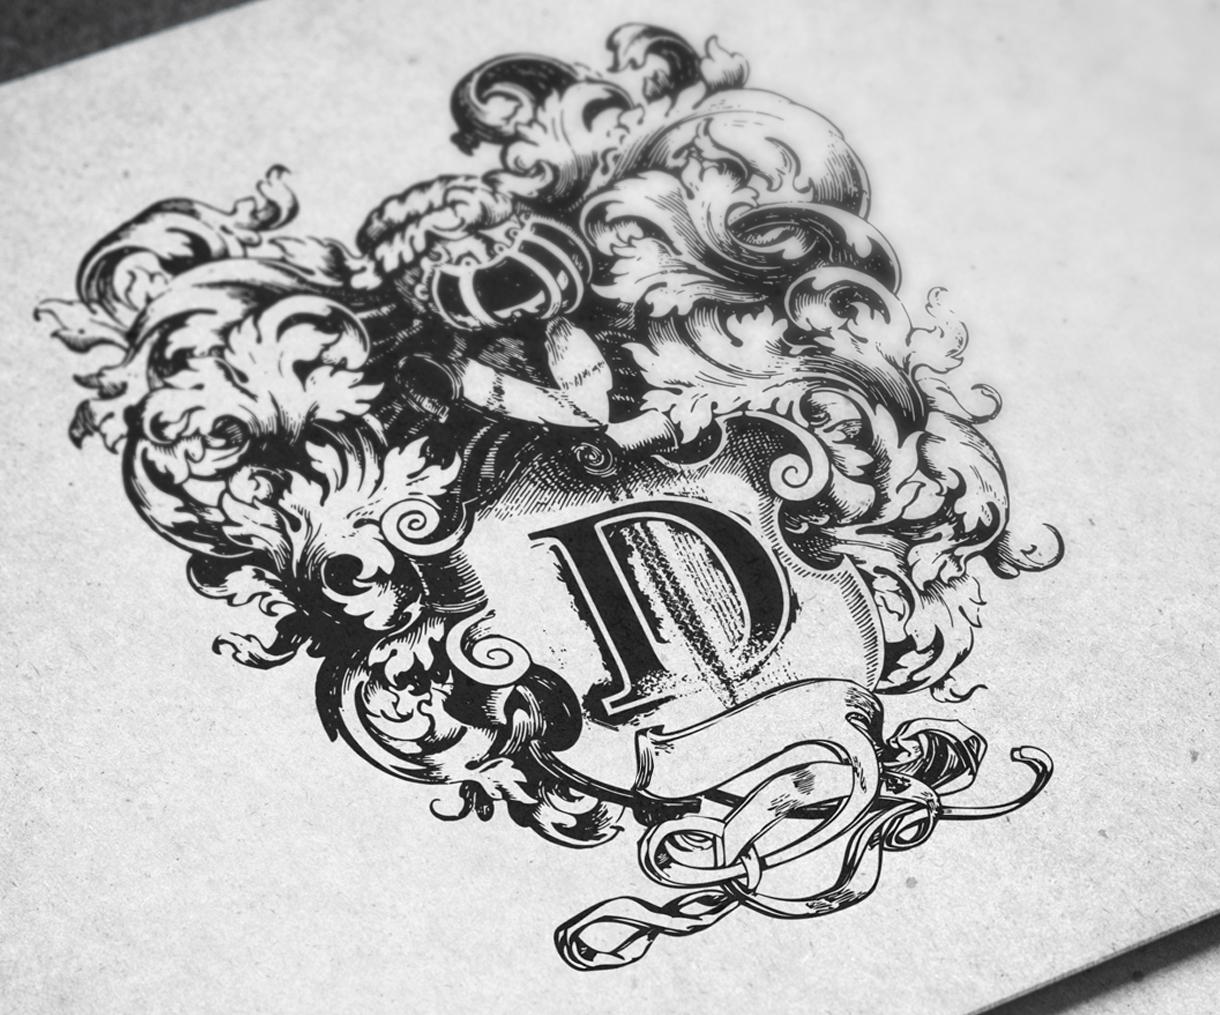 エンブレムロゴデザインを制作いたします プロのデザイナーがあなただけのエンブレムをご提案! イメージ1